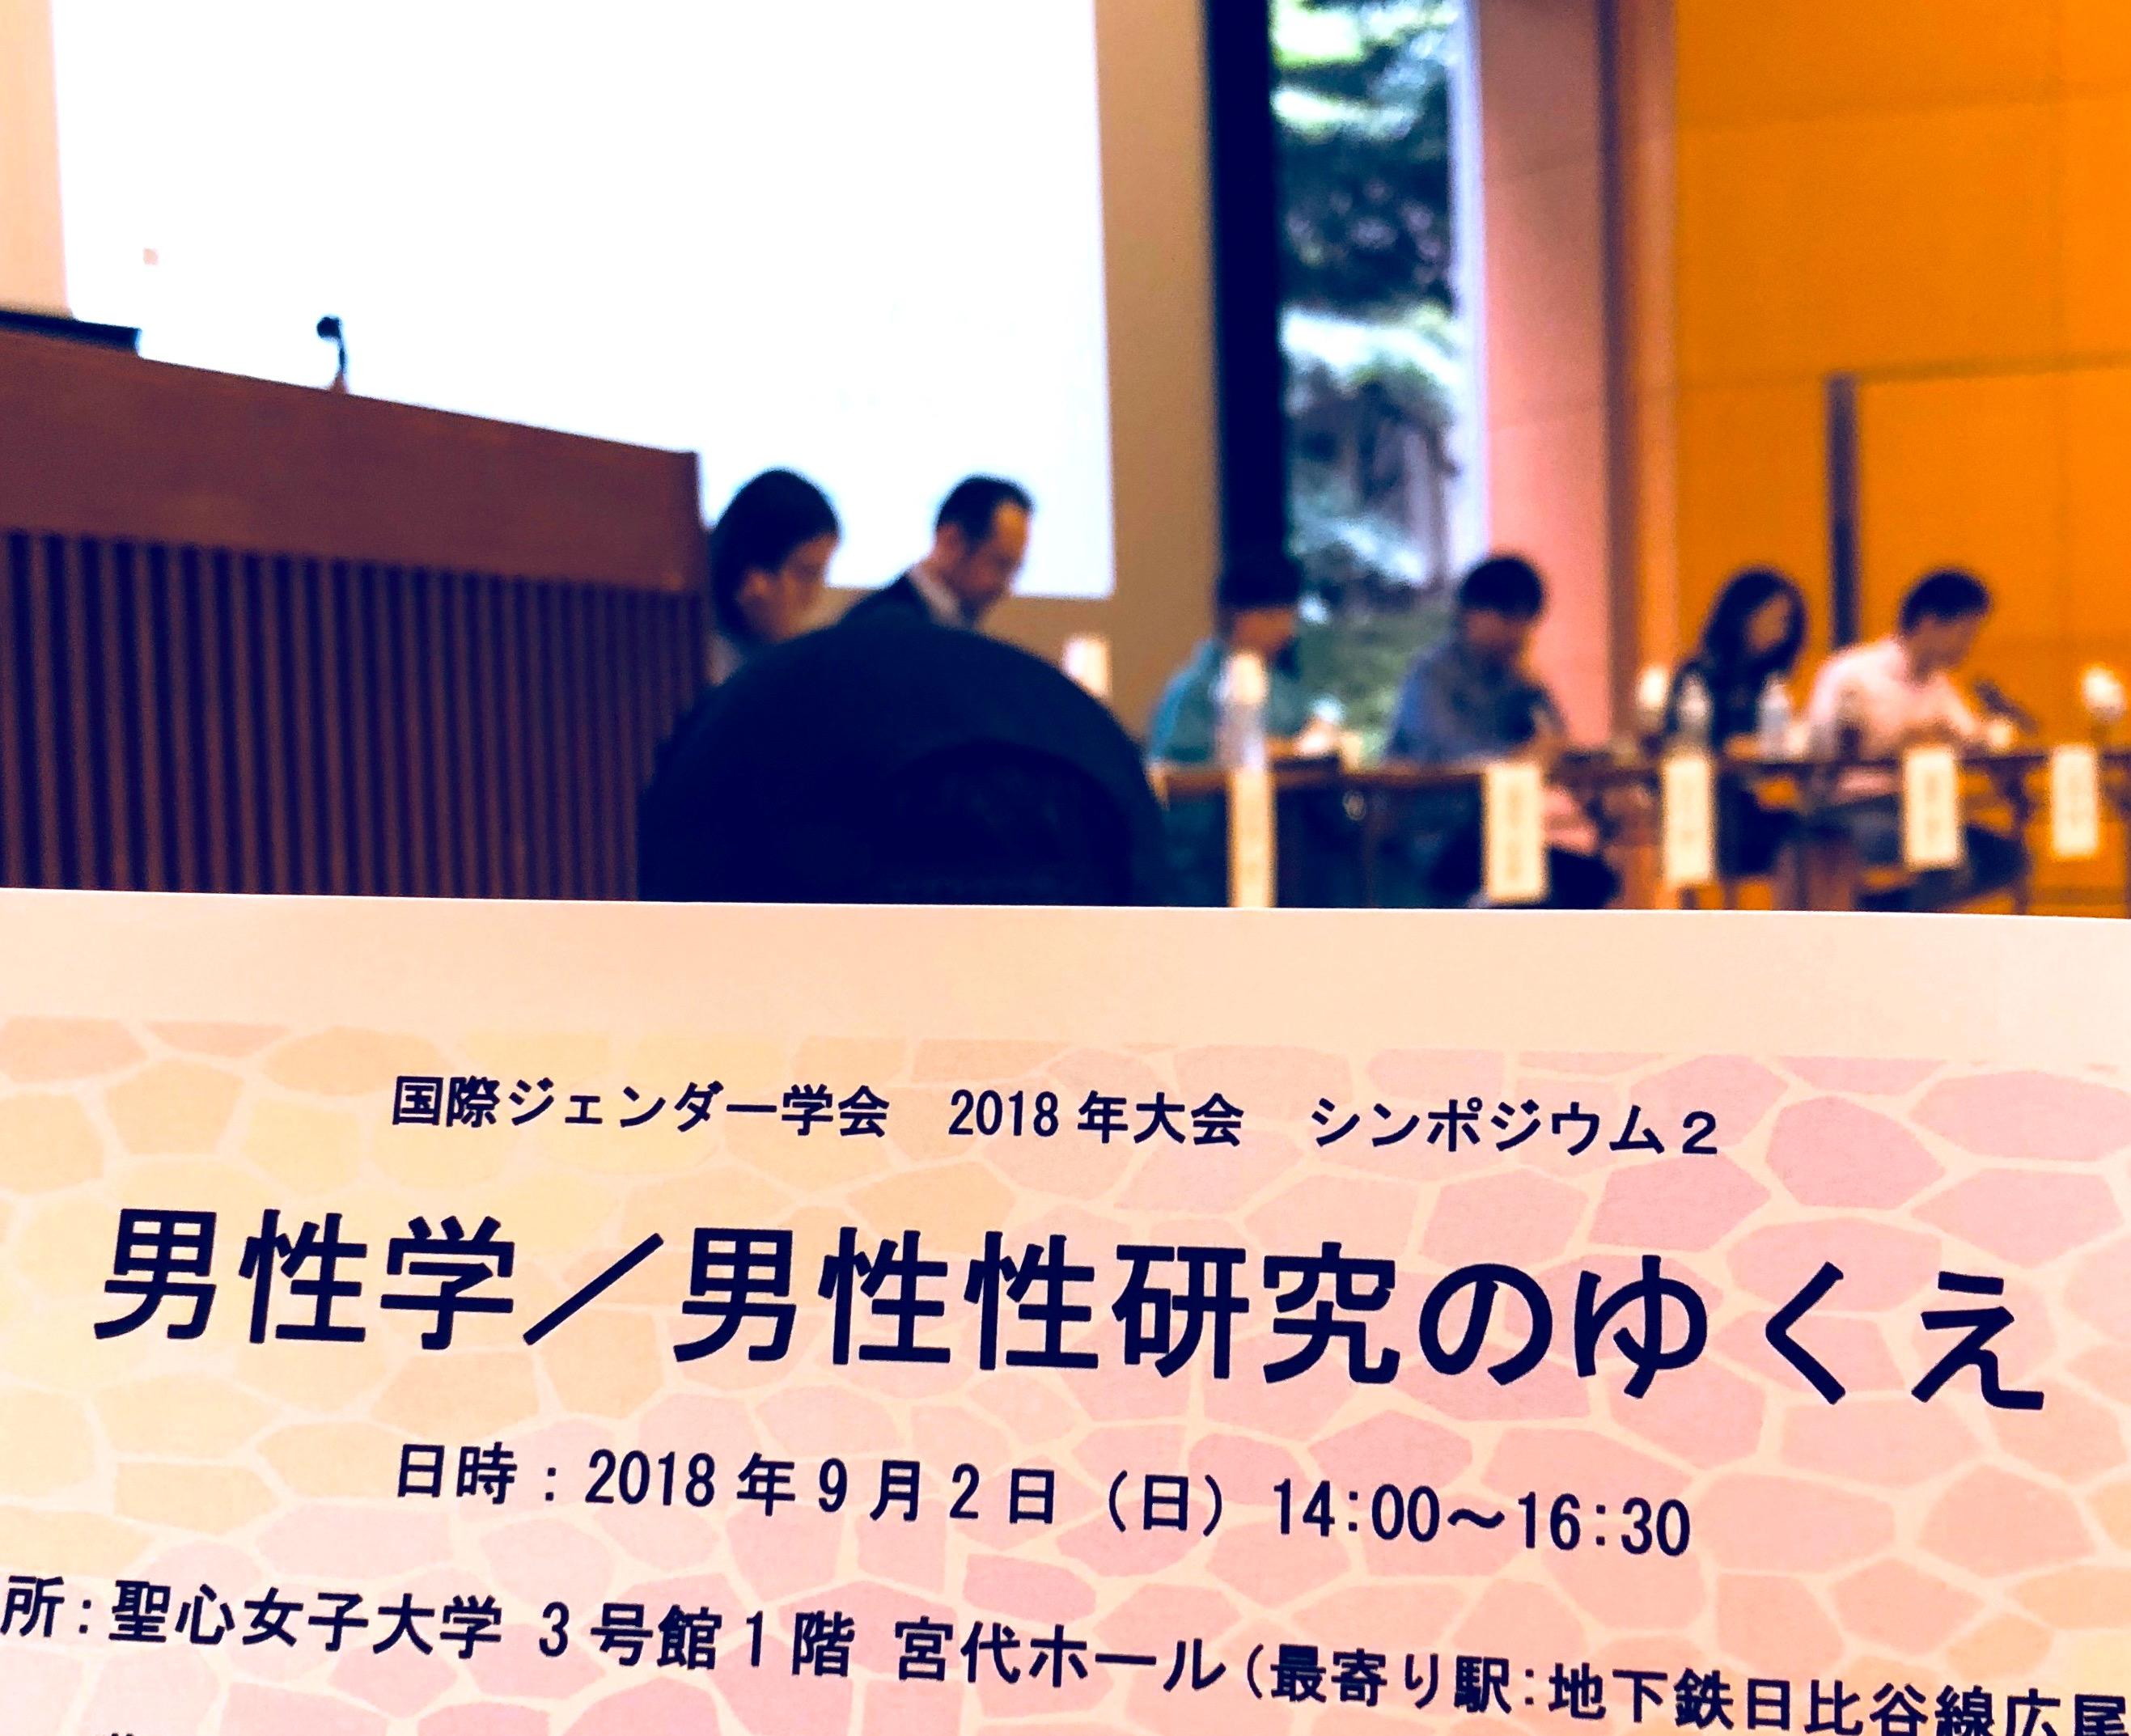 国際ジェンダー学会の公開シンポジウムで男性学のゆくえを考える。